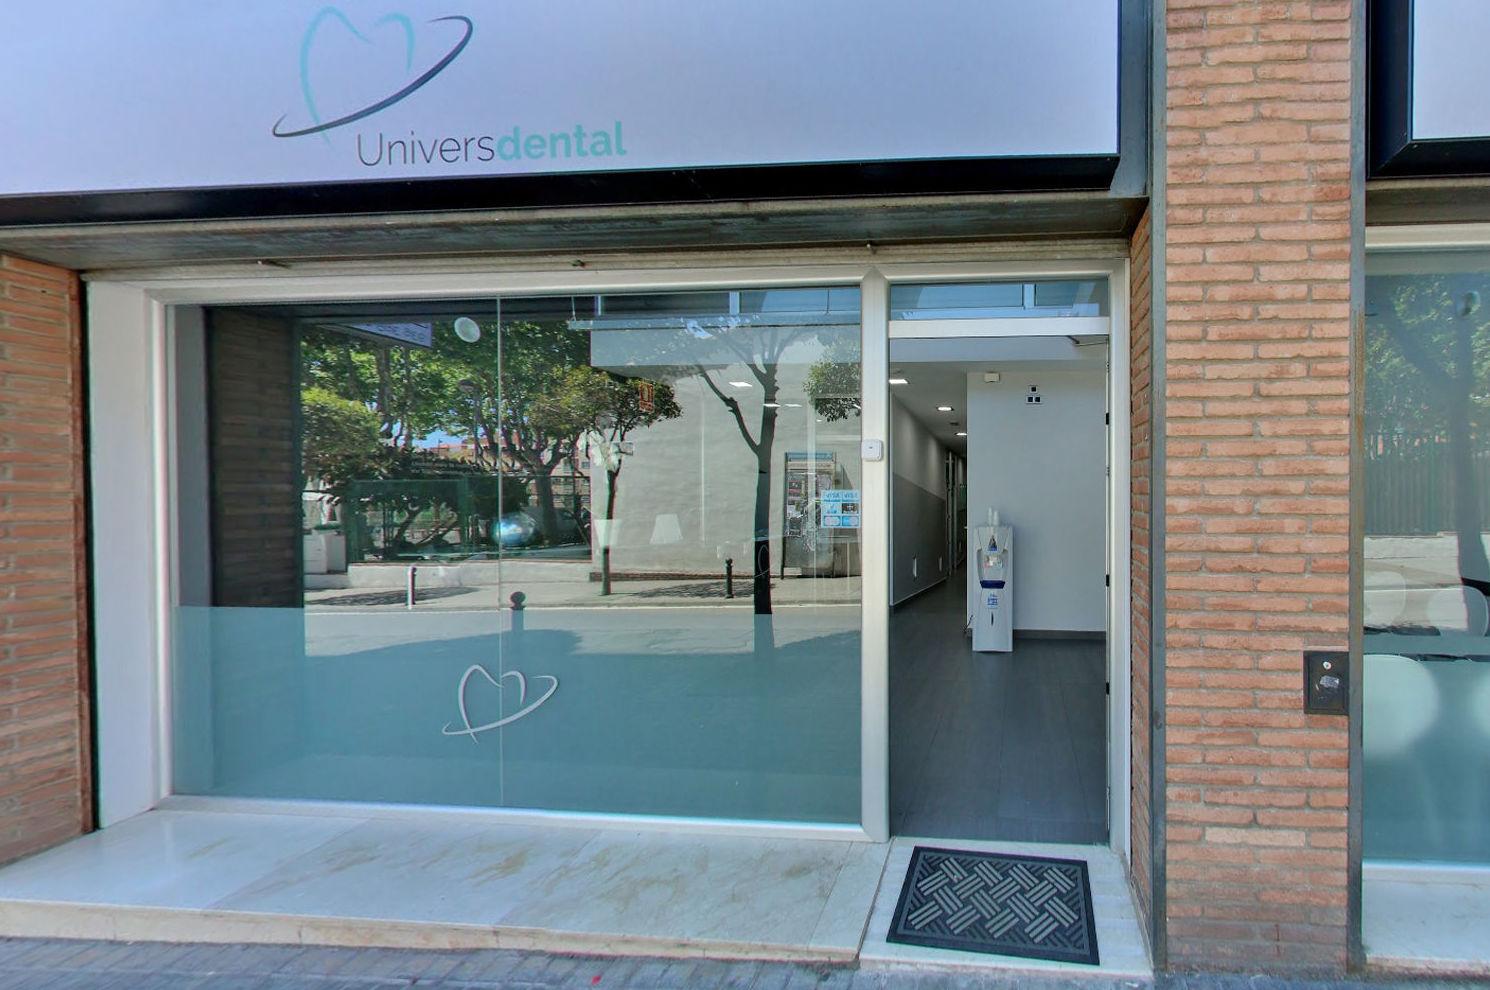 Fachadas clinicas dentales beautiful fachada de nuestra - Fachadas clinicas dentales ...